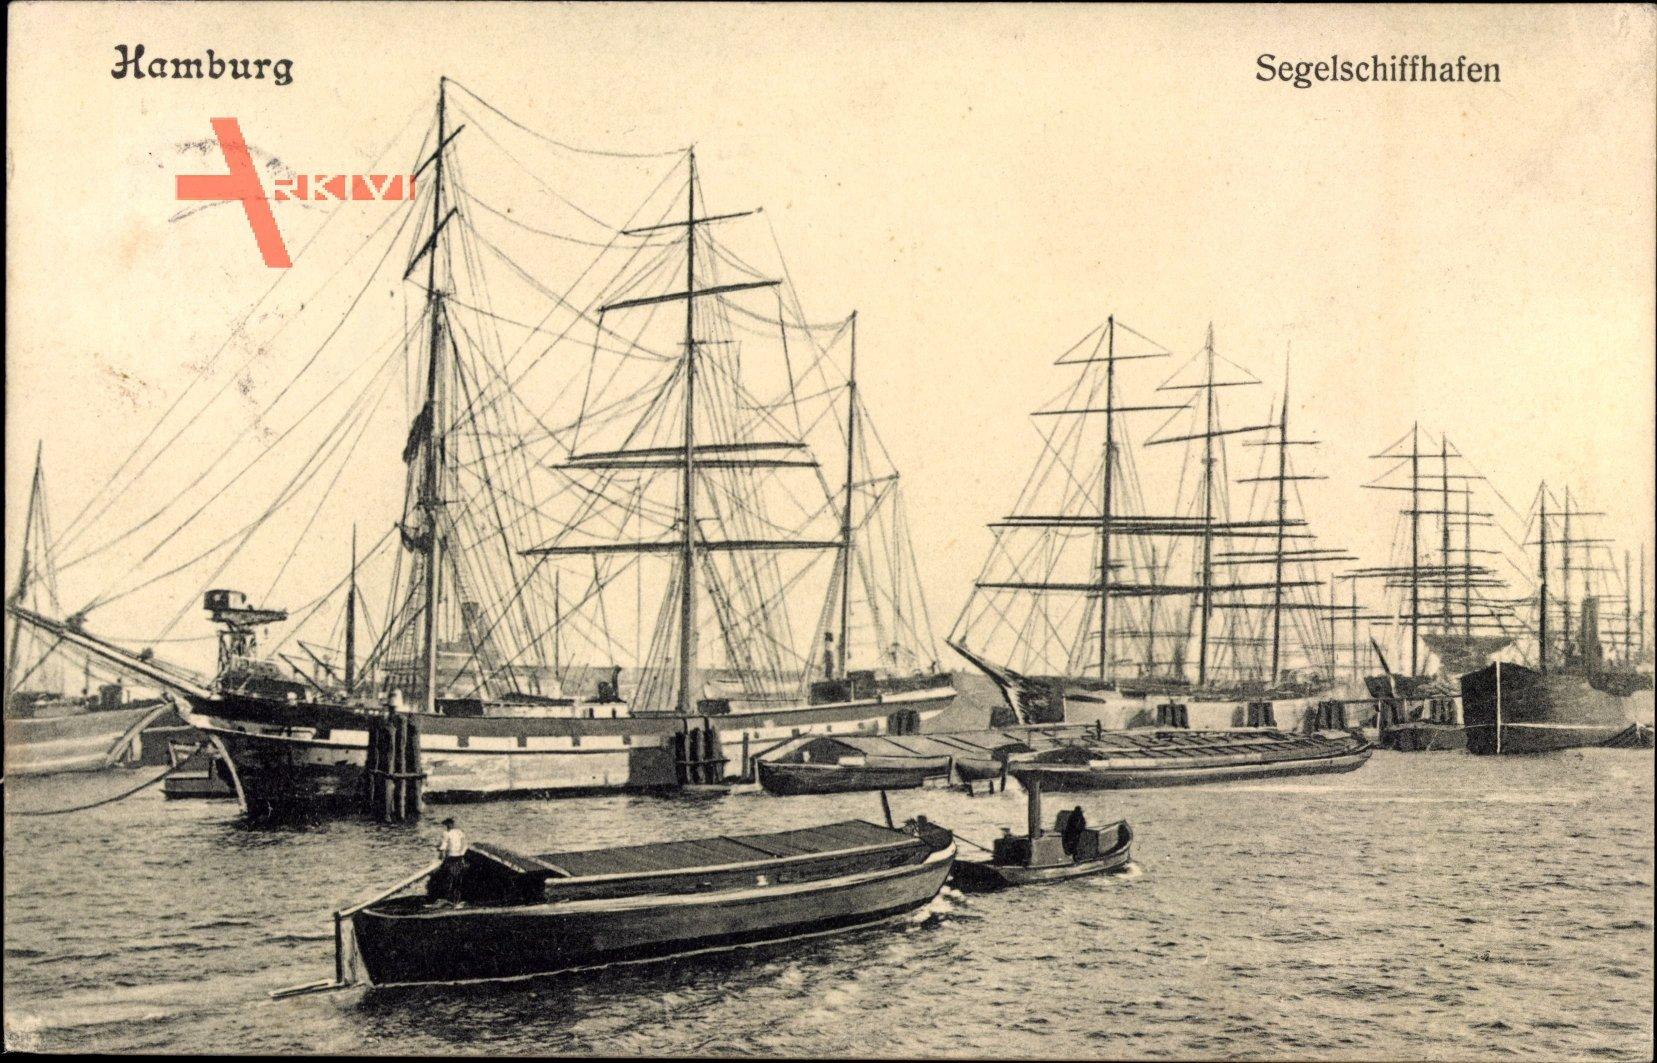 Hamburg, Liegende Segelschiffe im Segelschiffhafen